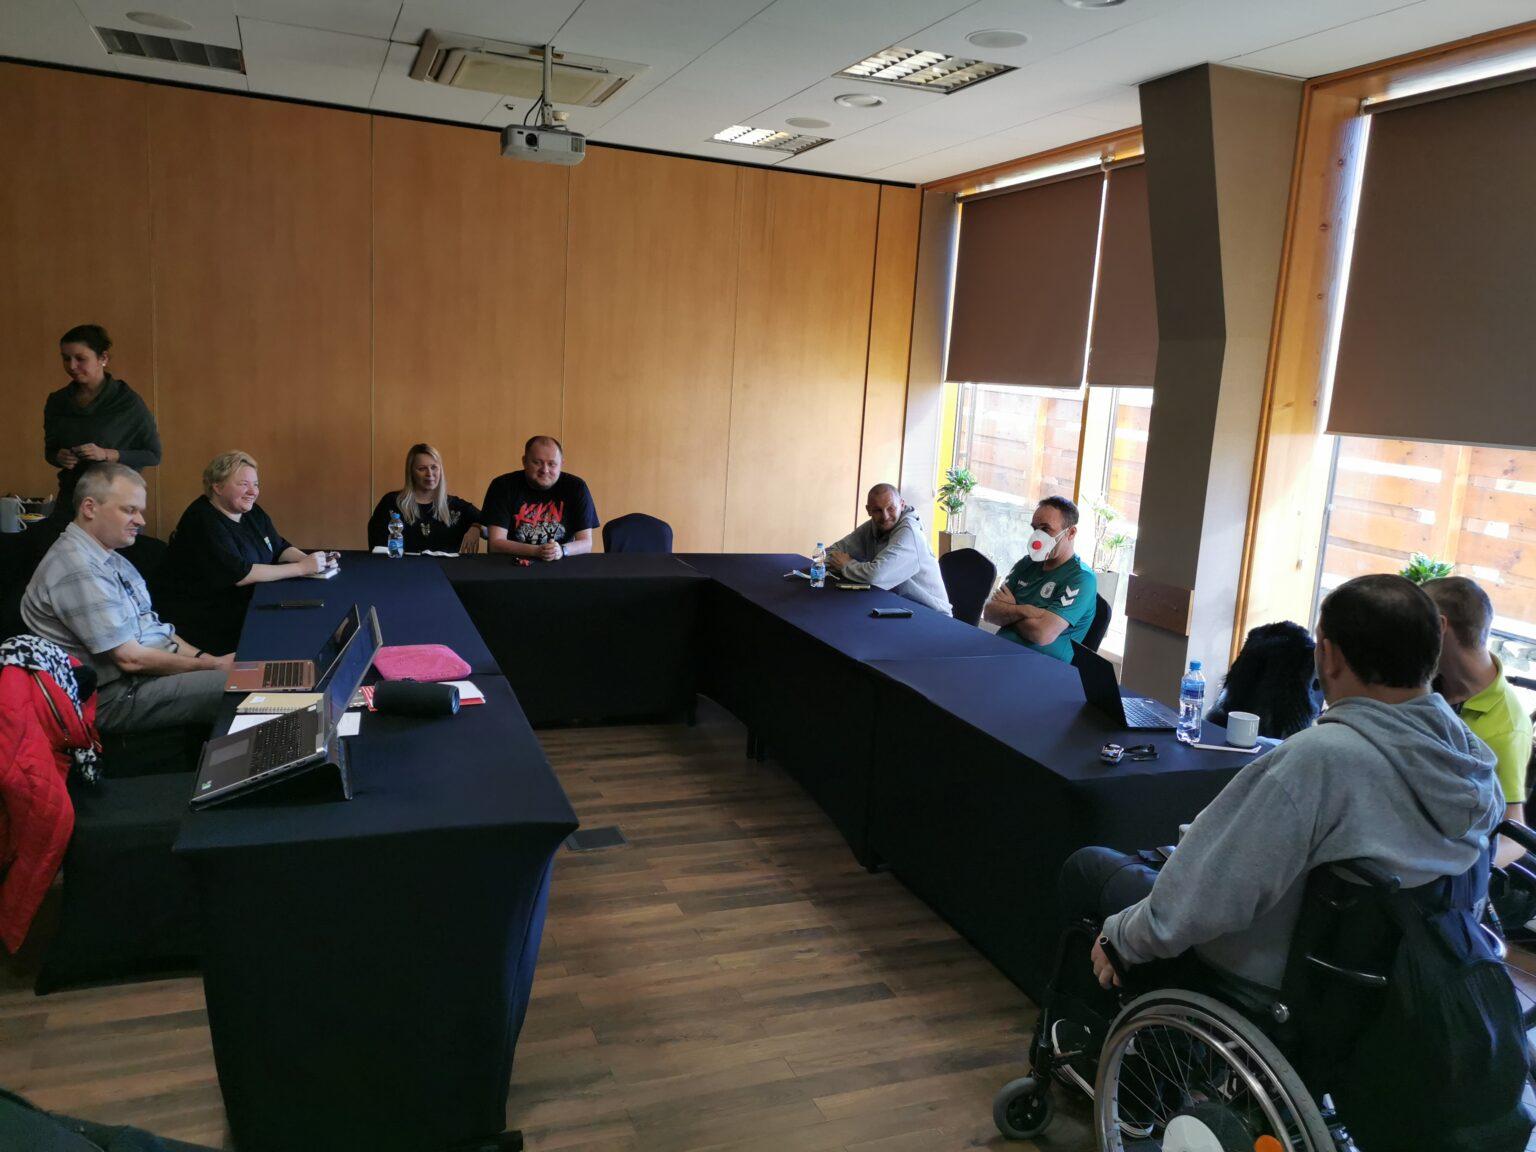 Sala konferencyjna, uczestnicy siedzą przy stołach ułożonych w literkę U.